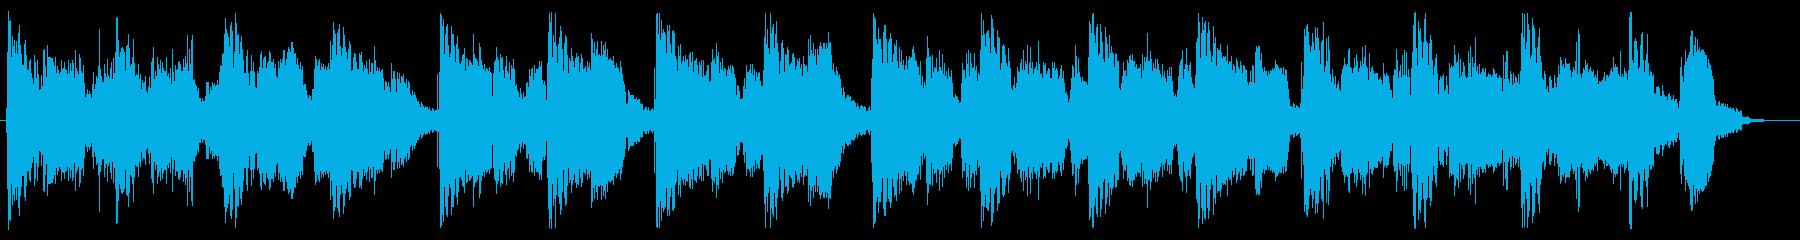 育成ゲーム向けの素朴なジングルの再生済みの波形